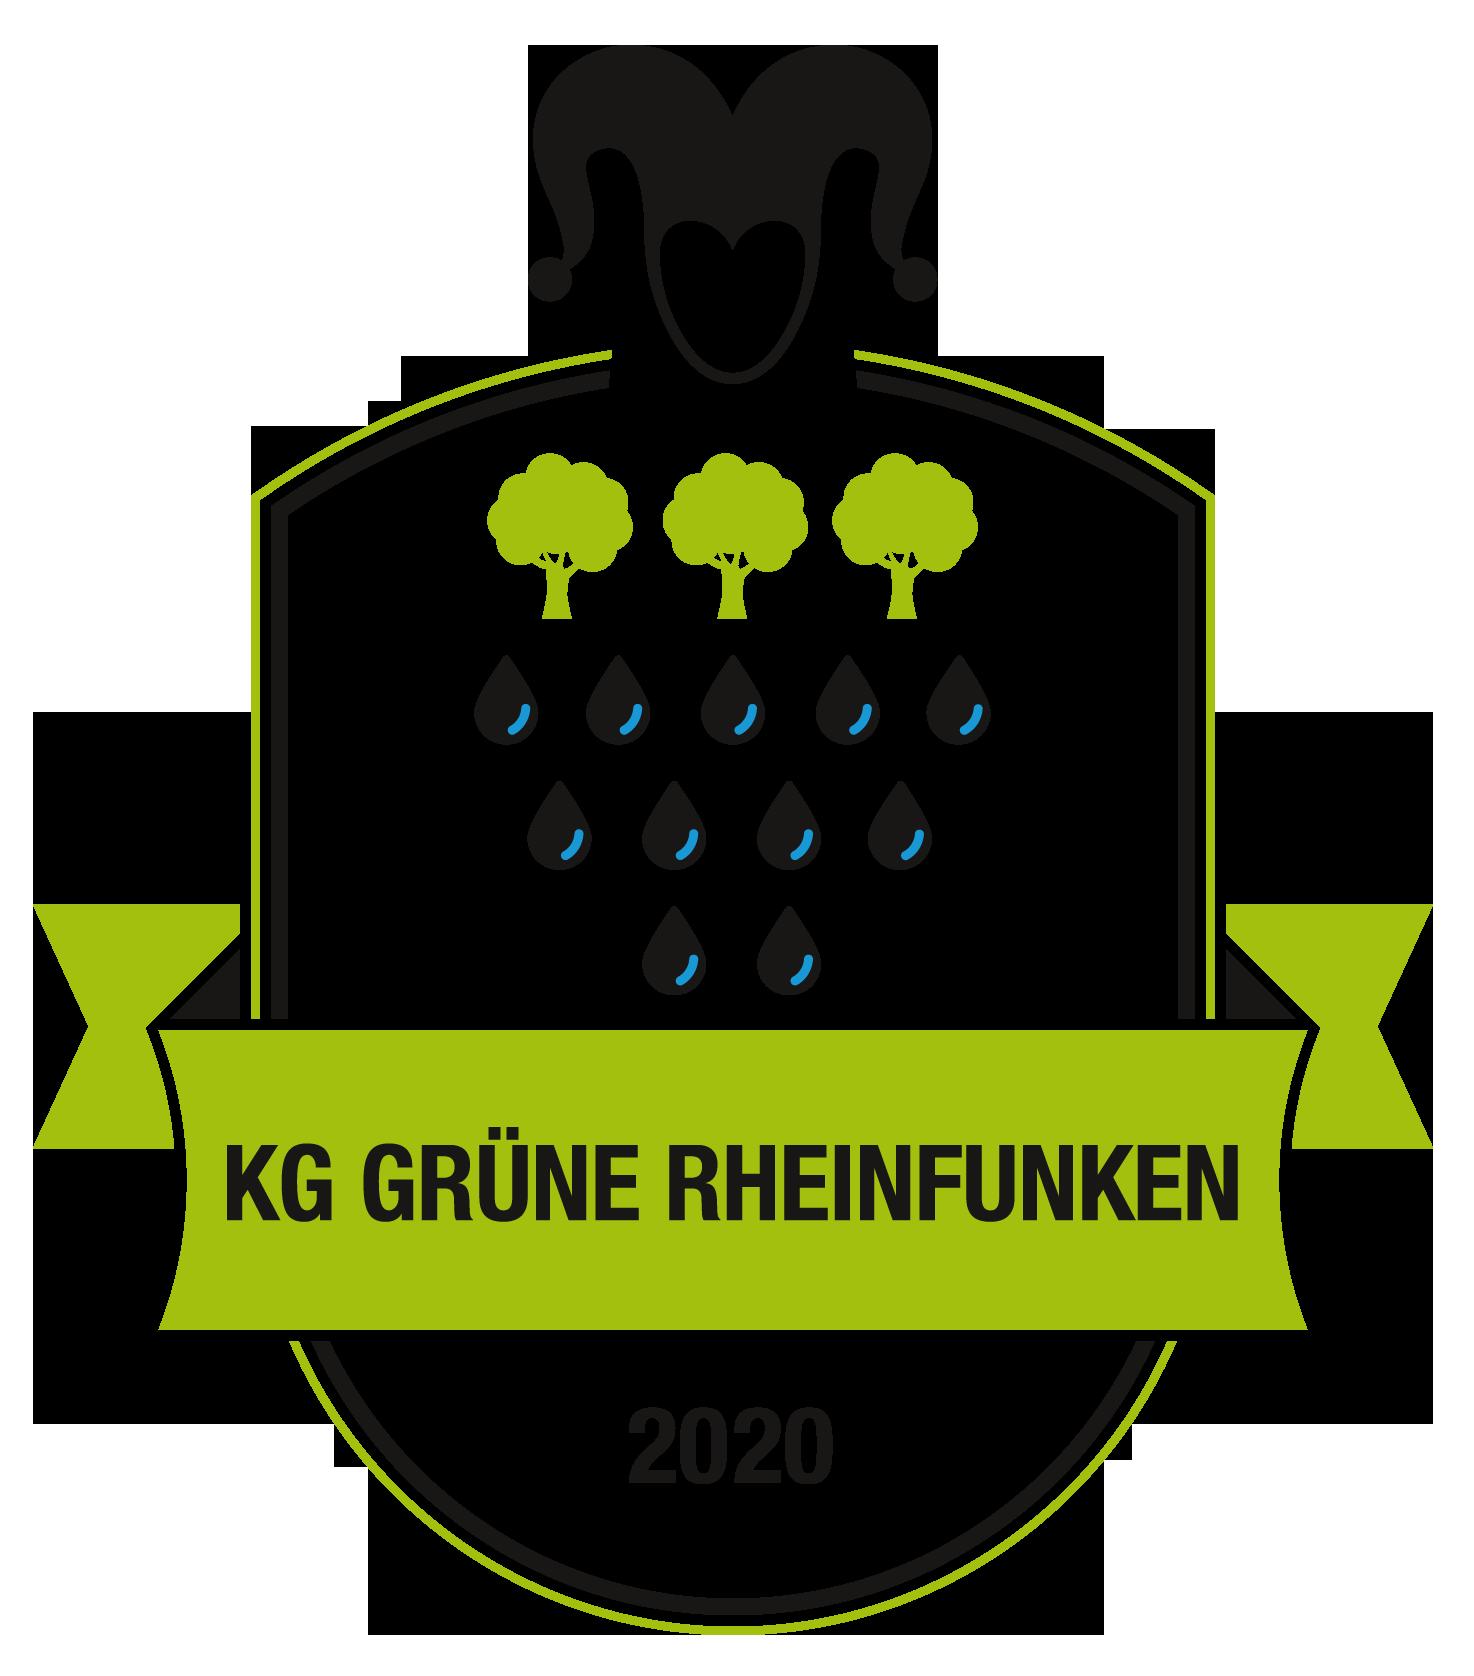 KG Grüne Rheinfunken